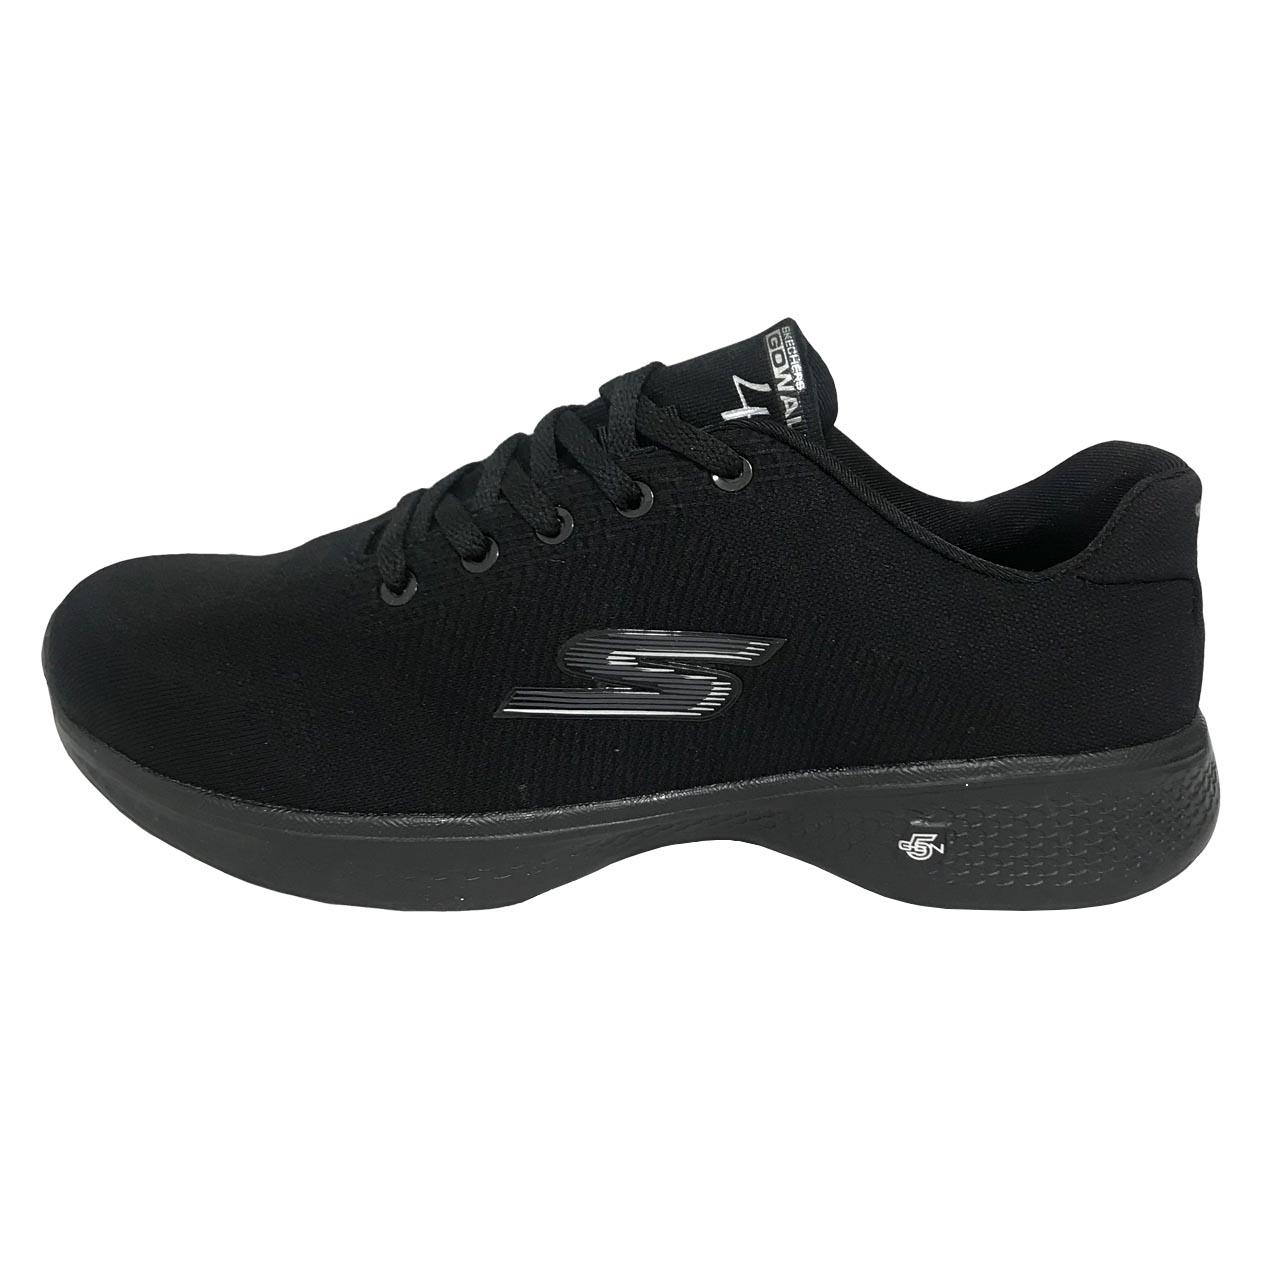 خرید کفش مخصوص پیاده روی زنانه اسکچرز مدل Go Walk 4